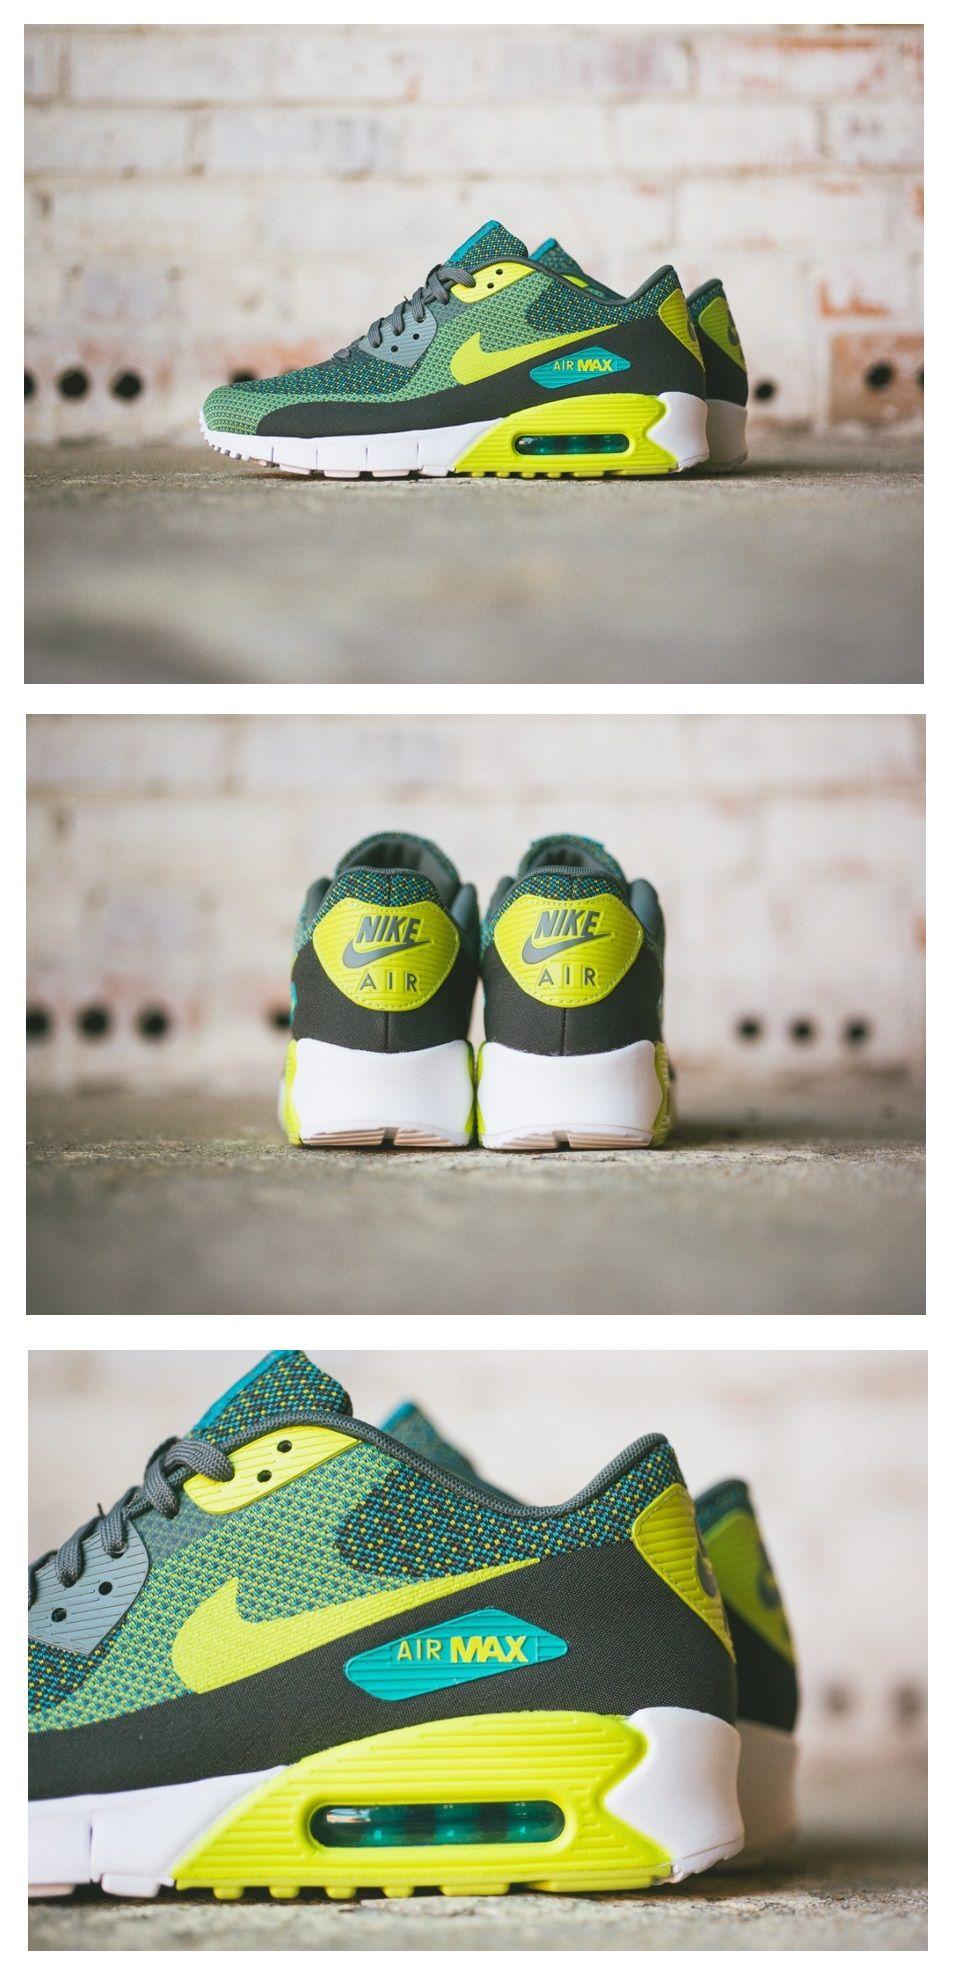 Nike Air Max 90 por solo 52 euros Nike Air Max 90 only 60